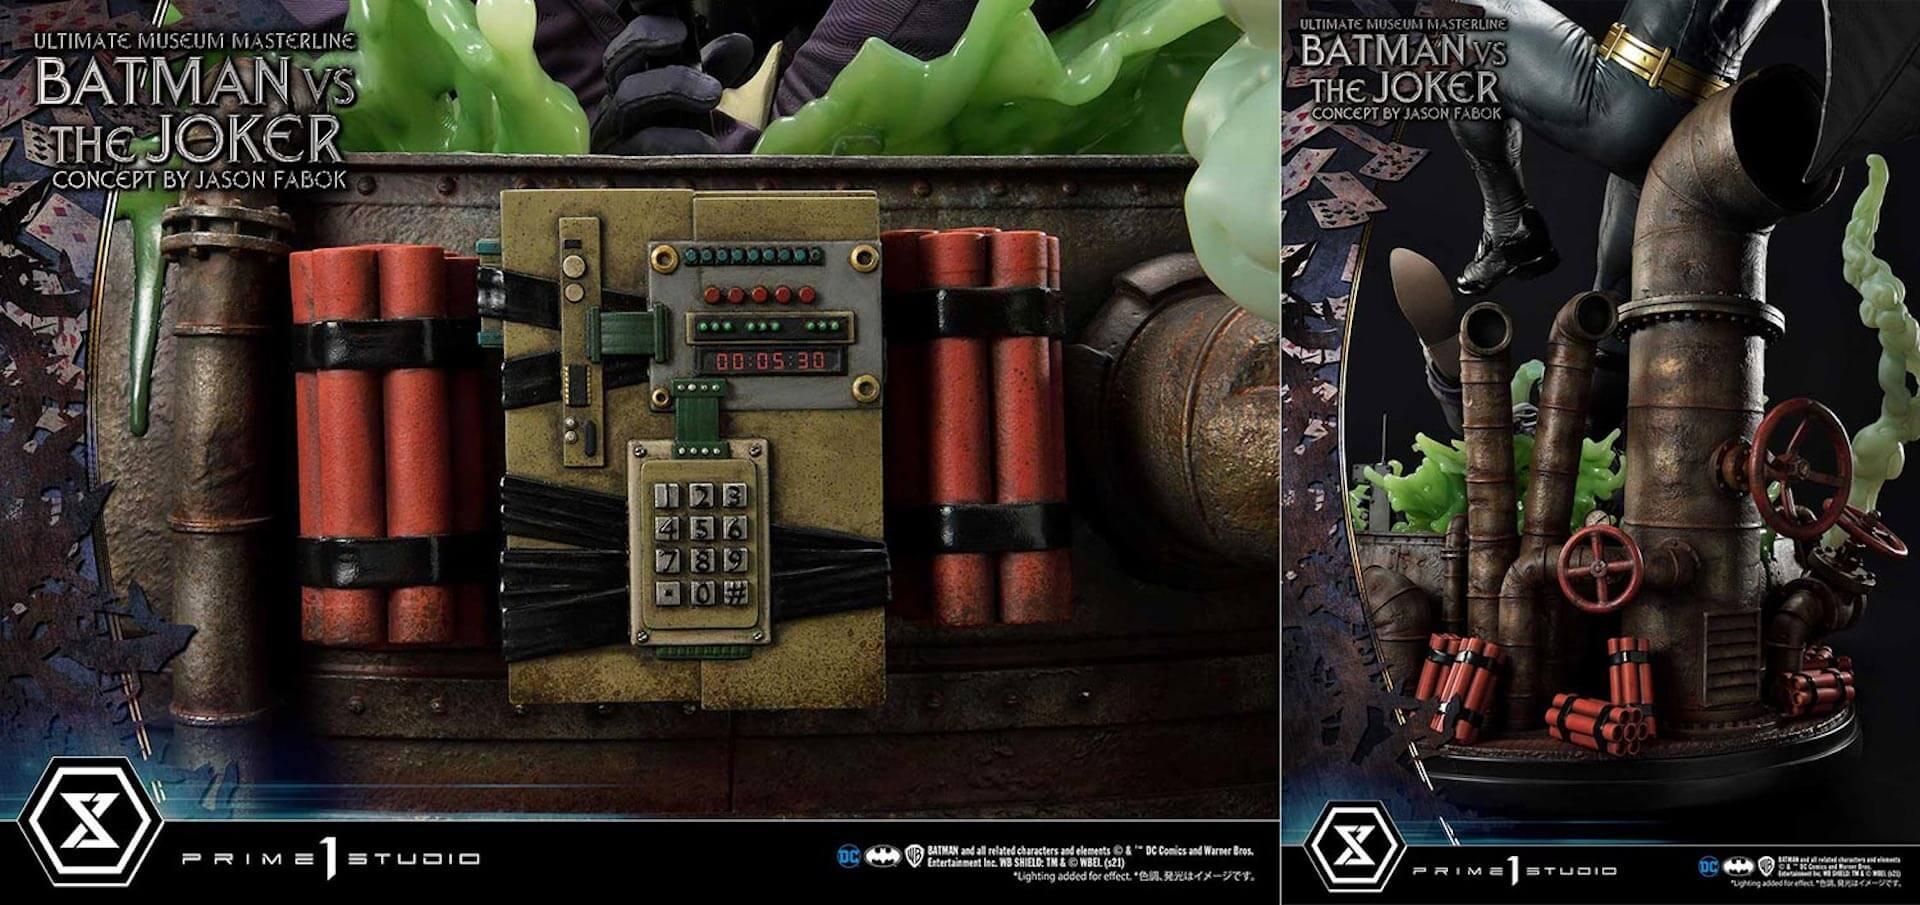 """バットマンとジョーカーによる永遠の戦いがフィギュアに!「バットマンVSジョーカー """"コンセプト by ジェイソン・ファボック""""」が予約受付スタート art211007_batman_joker_figure_6"""